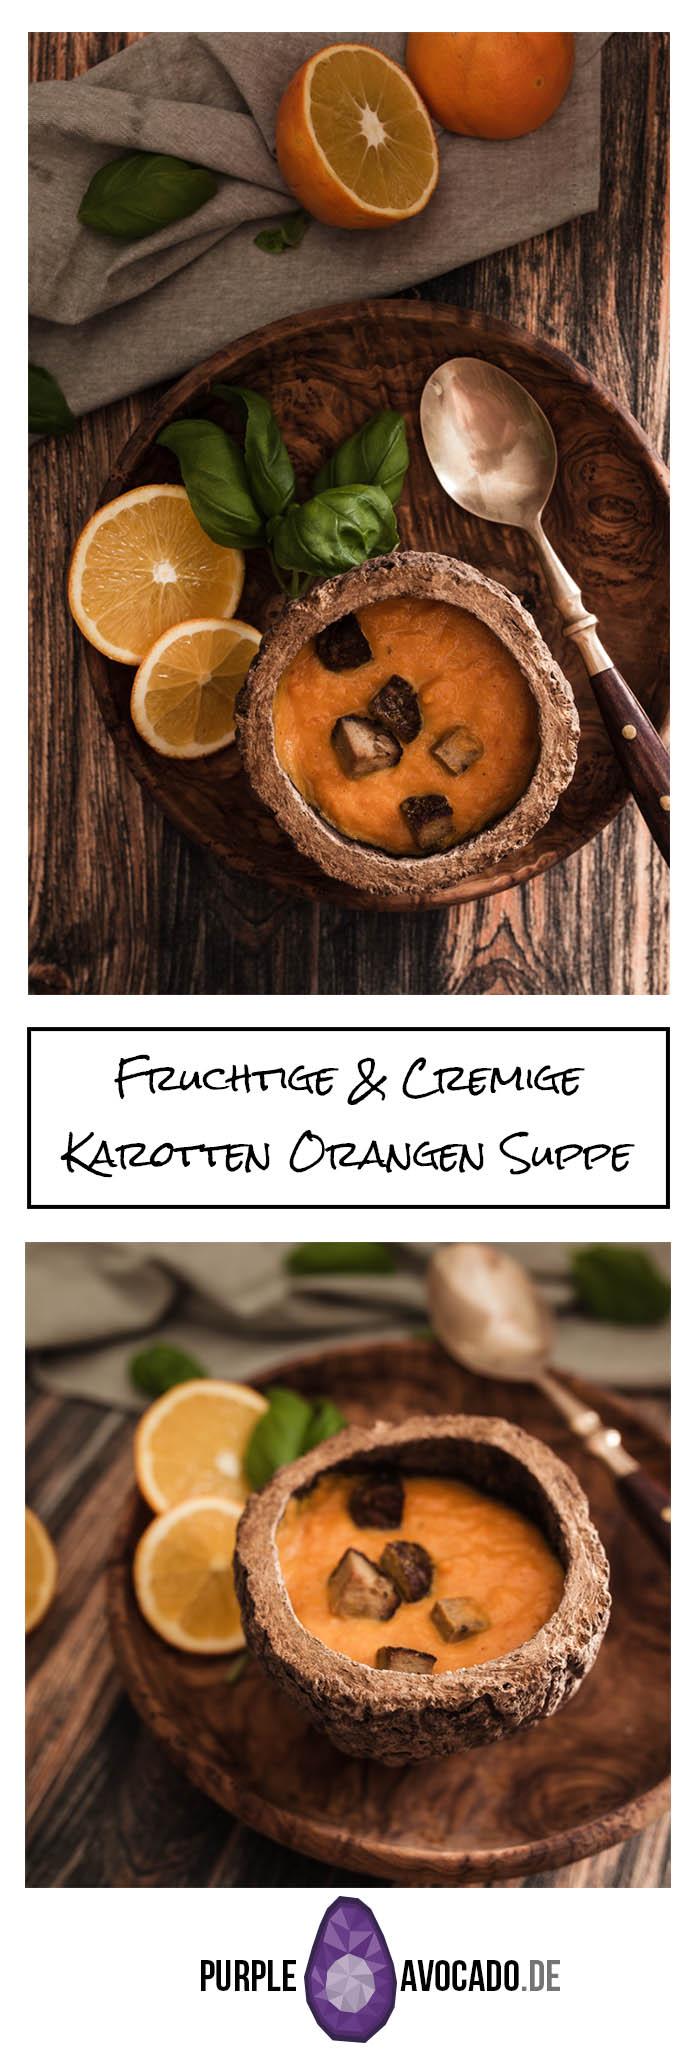 Mit dieser veganen Karotten Orangen Suppe holt man sich ein bisschen fruchtig, exotischen Sommer-Geschmack in die kalte Jahreszeit. Mit Räuchertofu garniert bekommt sie das gewisse Etwas und eignet sich nicht nur als Vorspeise.